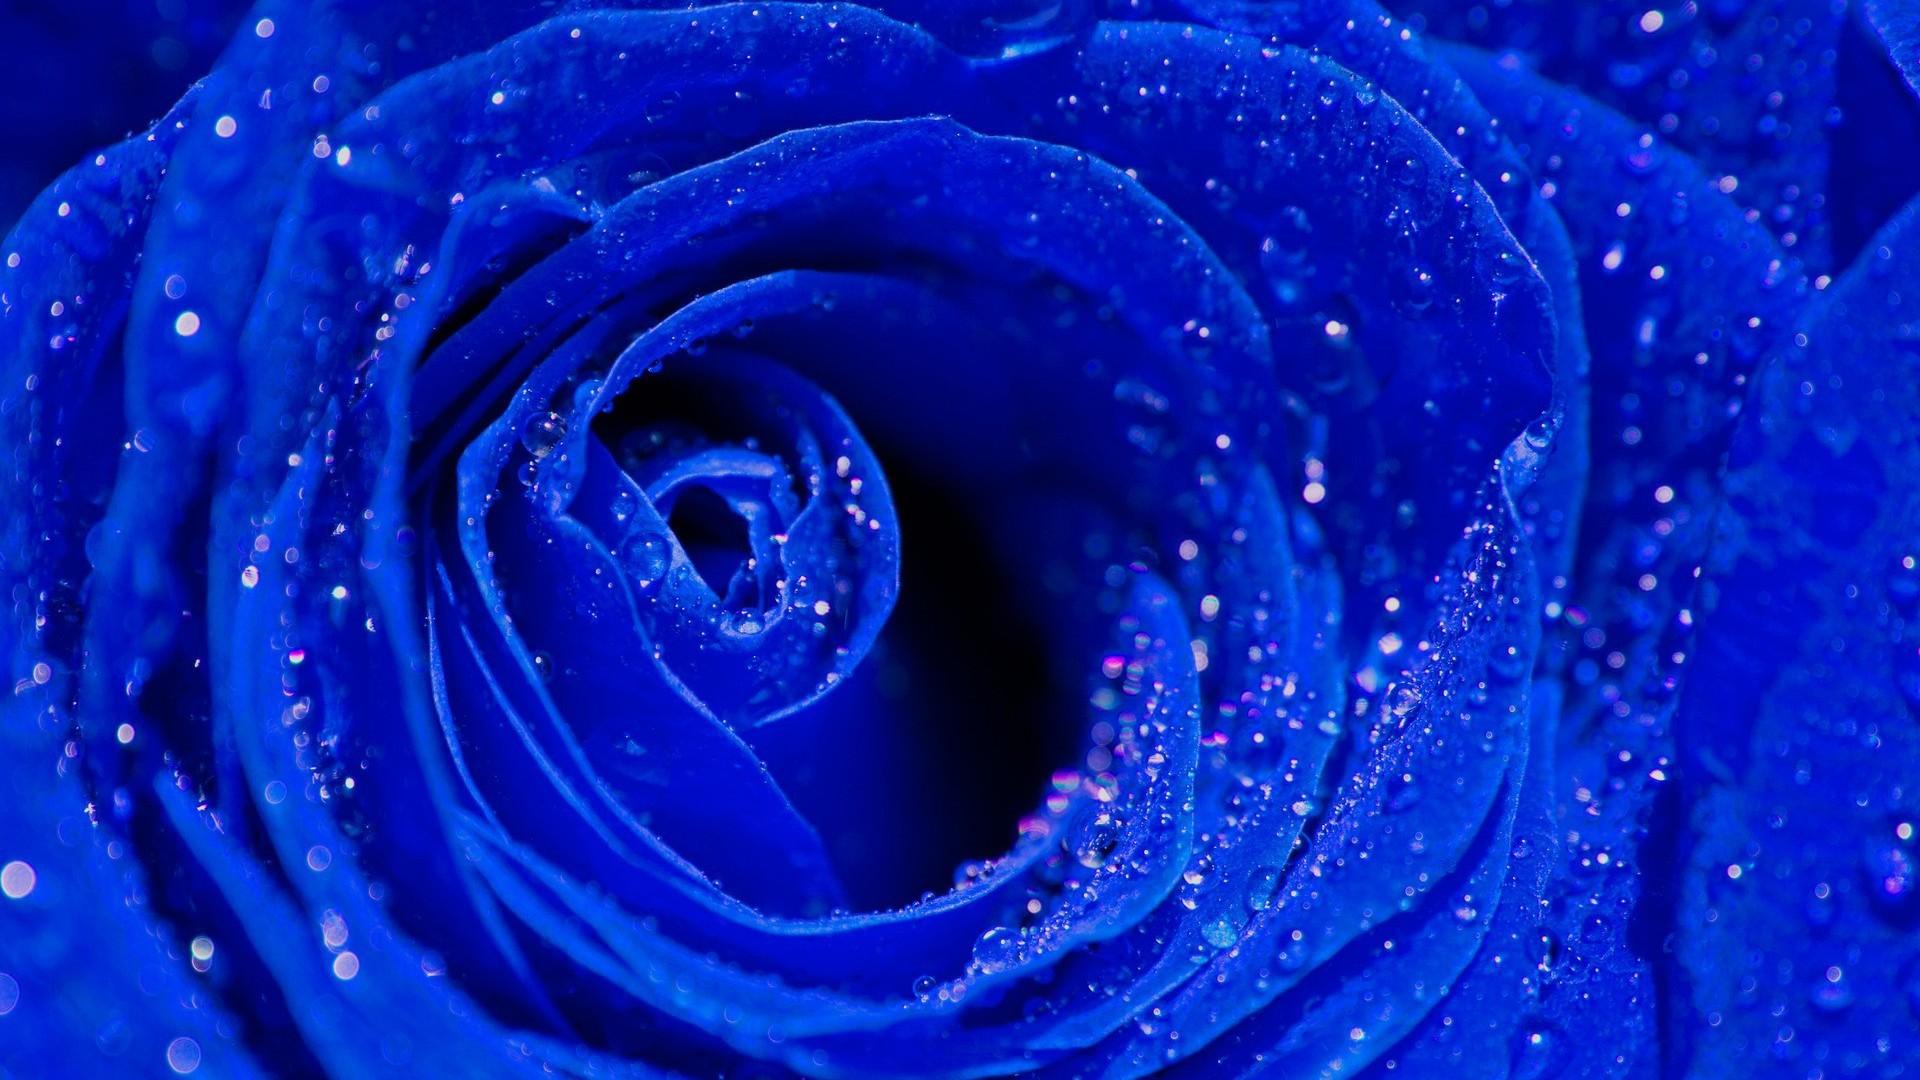 картинка что есть синего цвета цветёт верхушках побегов